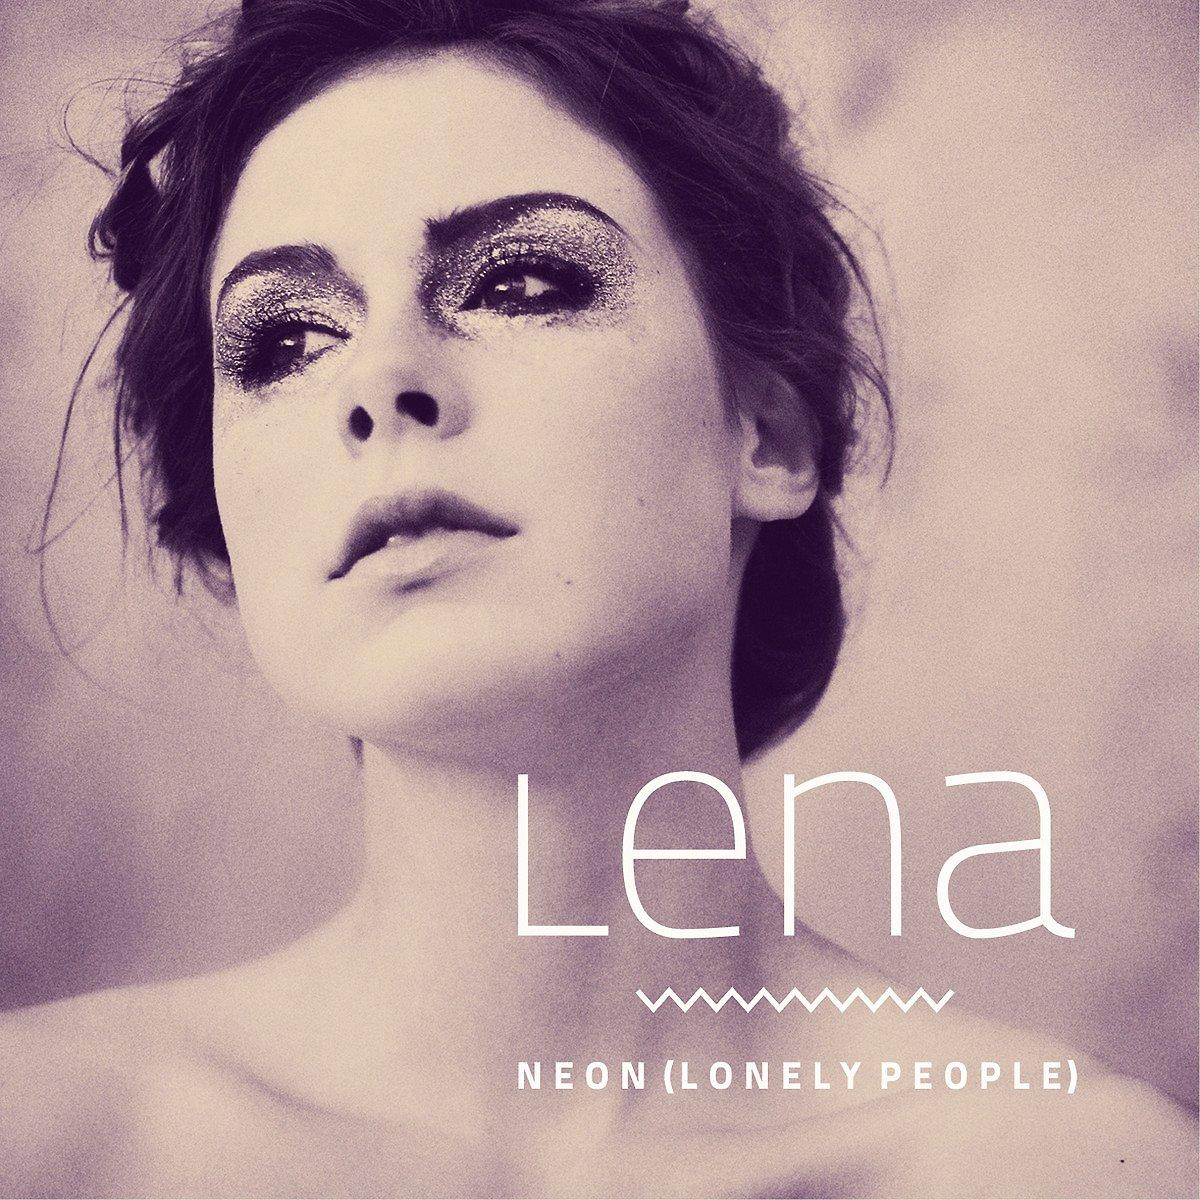 Lena album Neon (Lonely People)